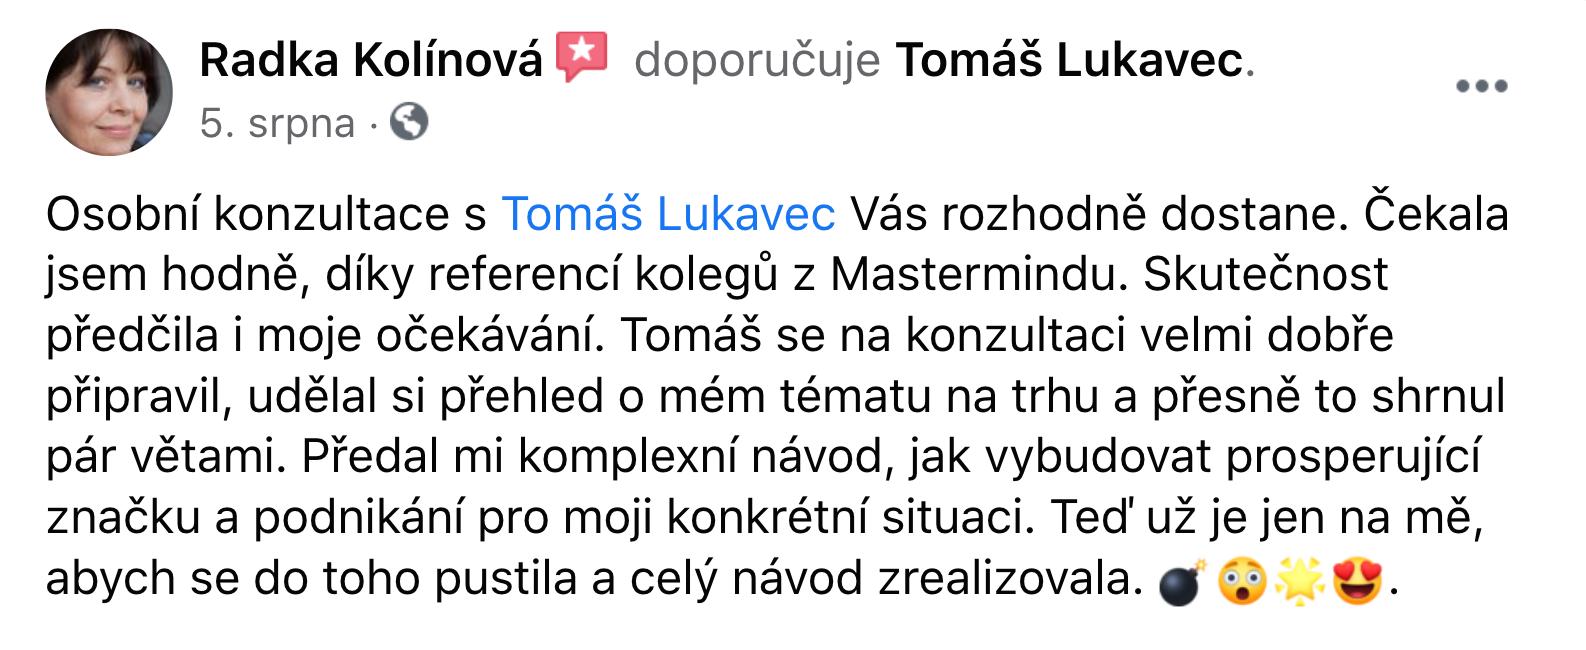 Reference - Radka Kolínová